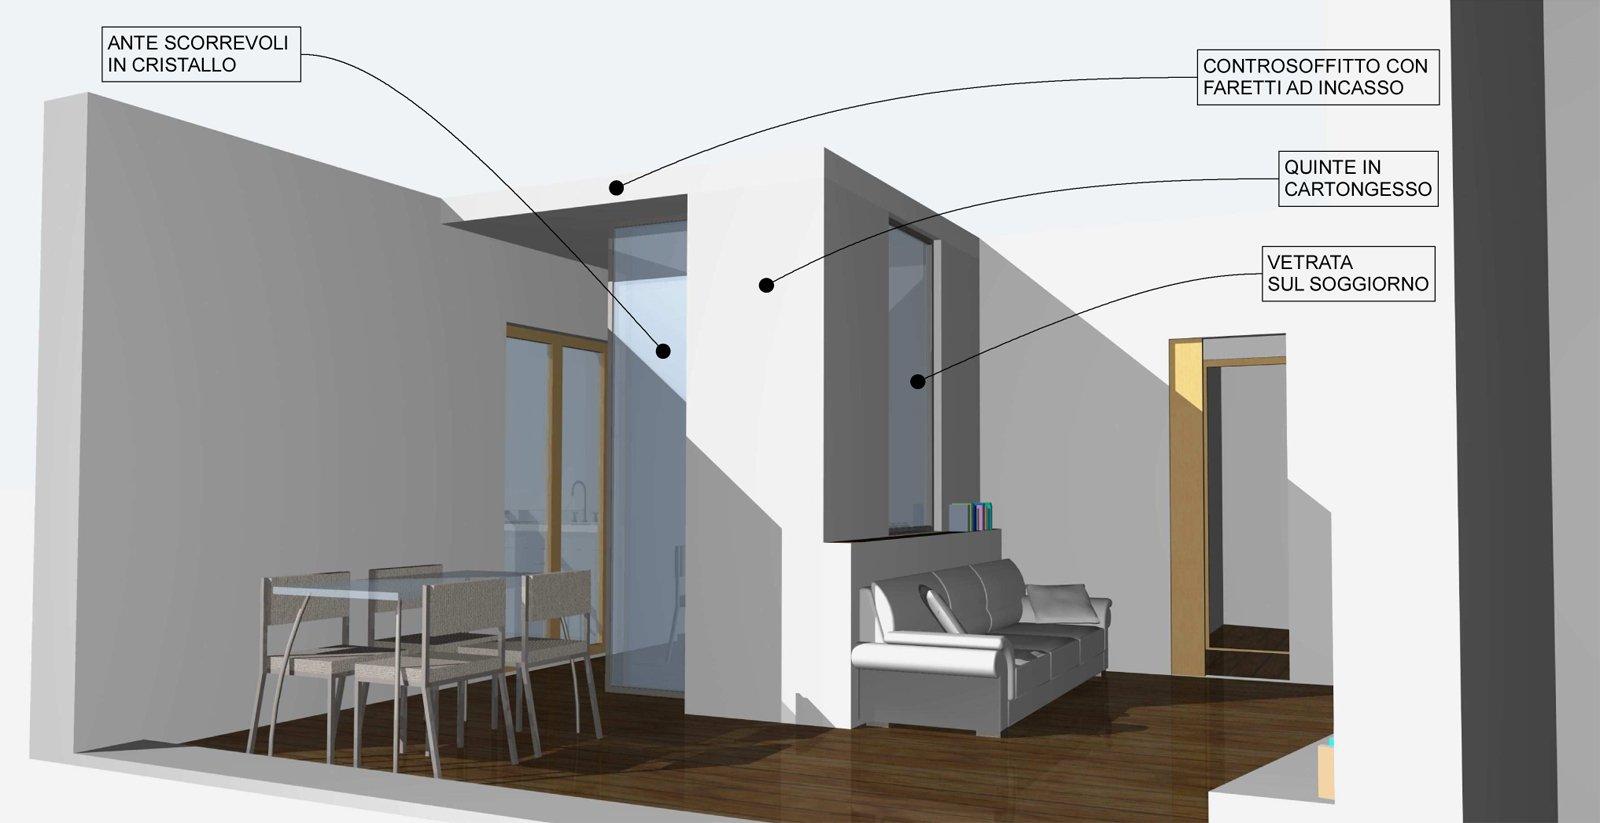 idee arredare soggiorno piccolo: idee per arredare una zona living ... - Soluzioni Arredamento Soggiorno Piccolo 2